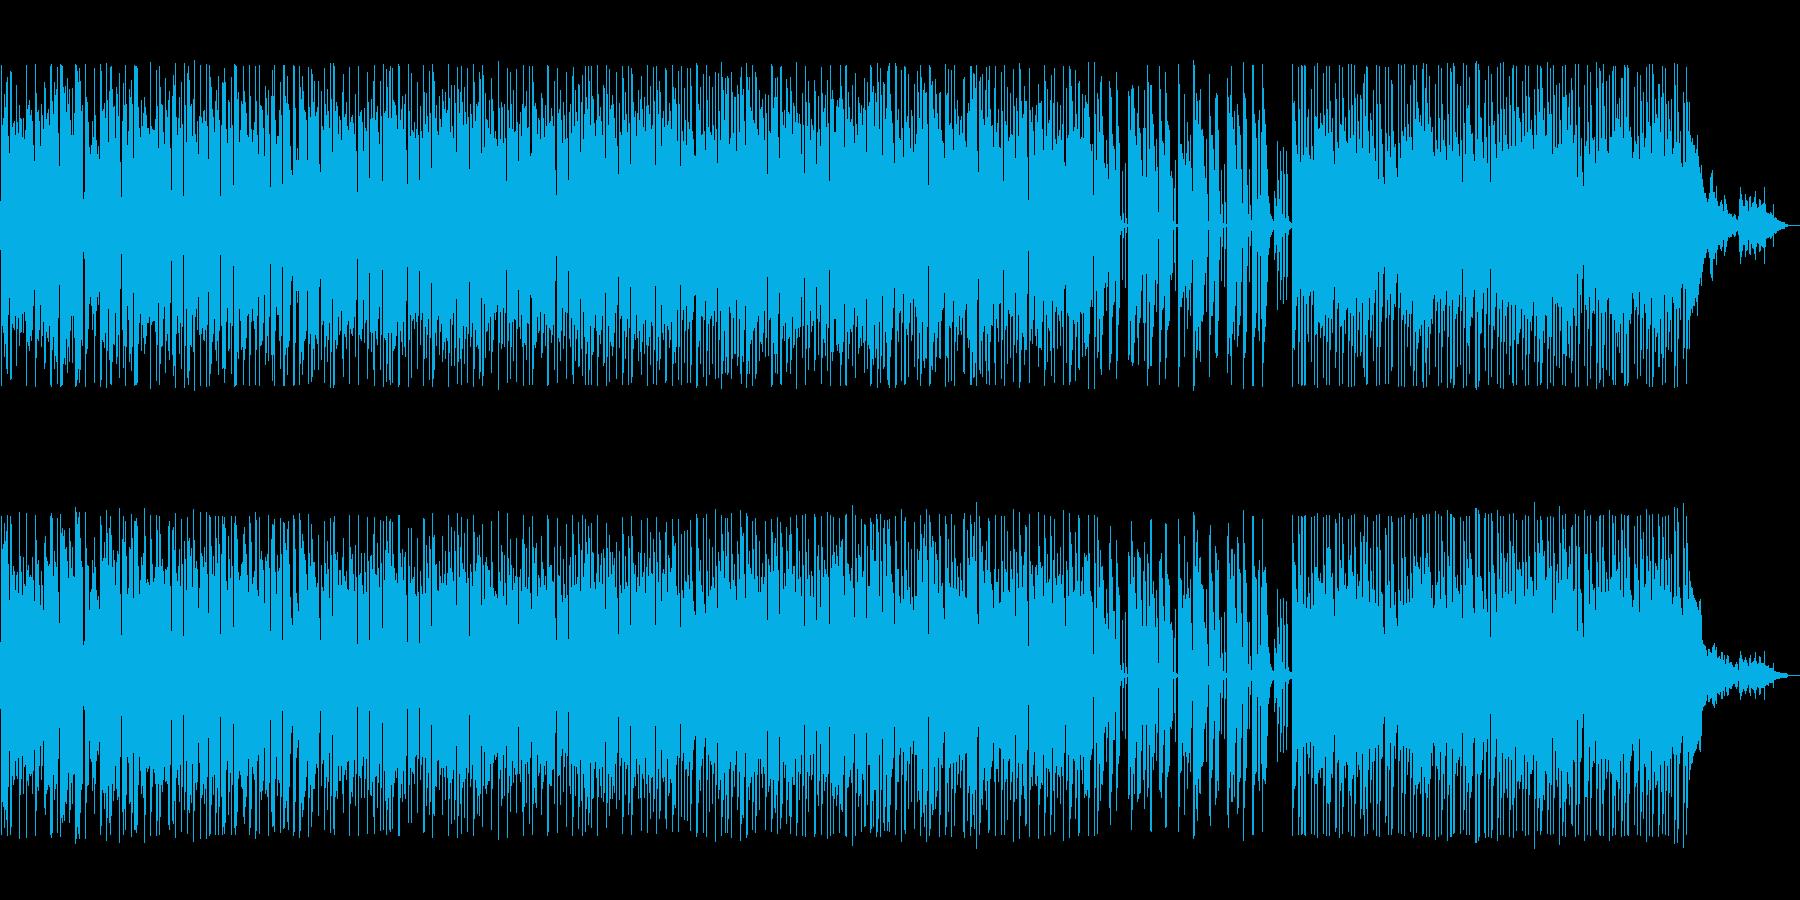 ウキウキする軽快なシンセボサノバの再生済みの波形